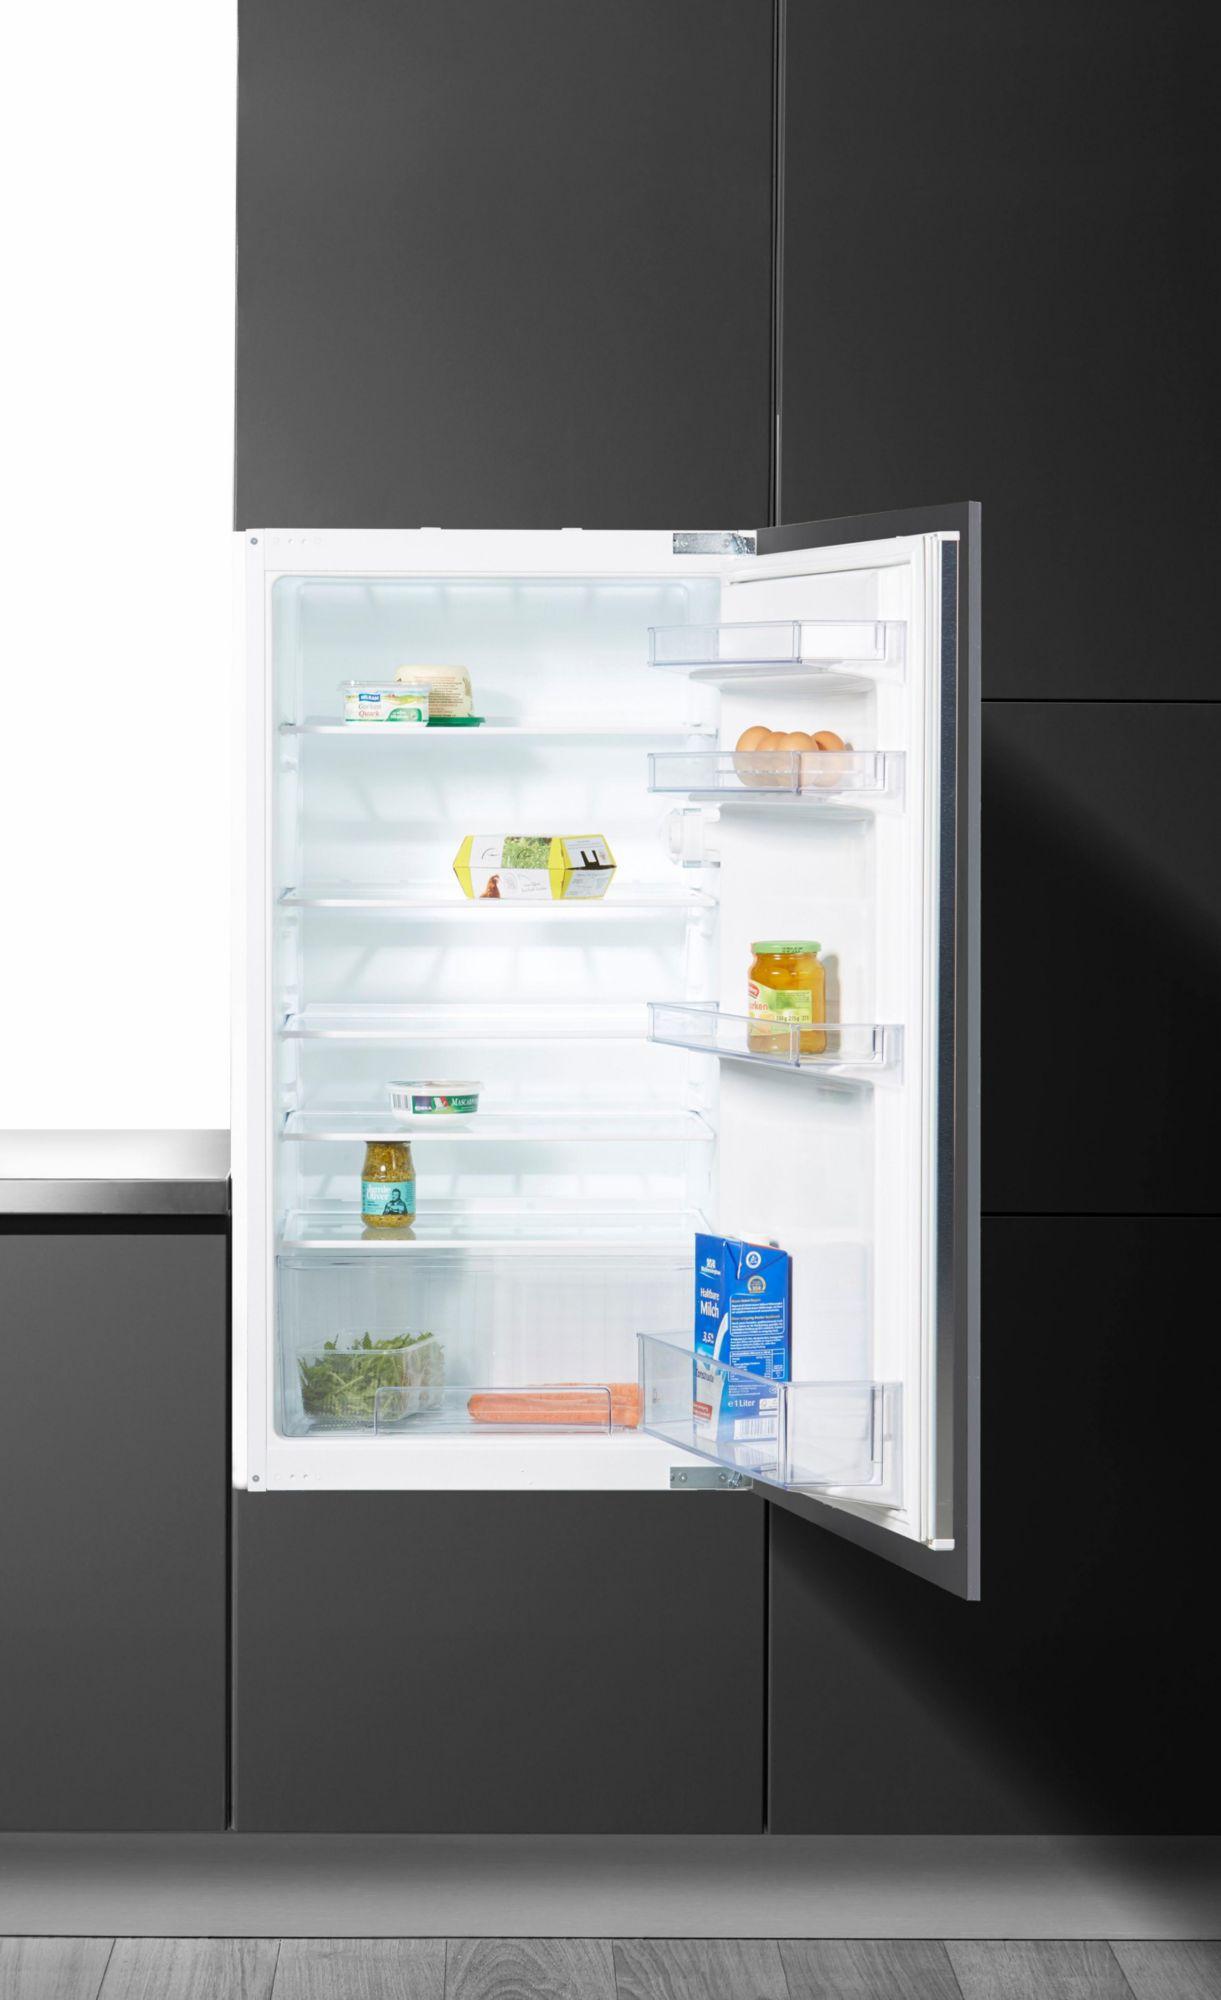 CONSTRUCTA Constructa Integrierbarer Einbaukühlschrank CK60305, Energieklasse A+, 102,1 cm hoch